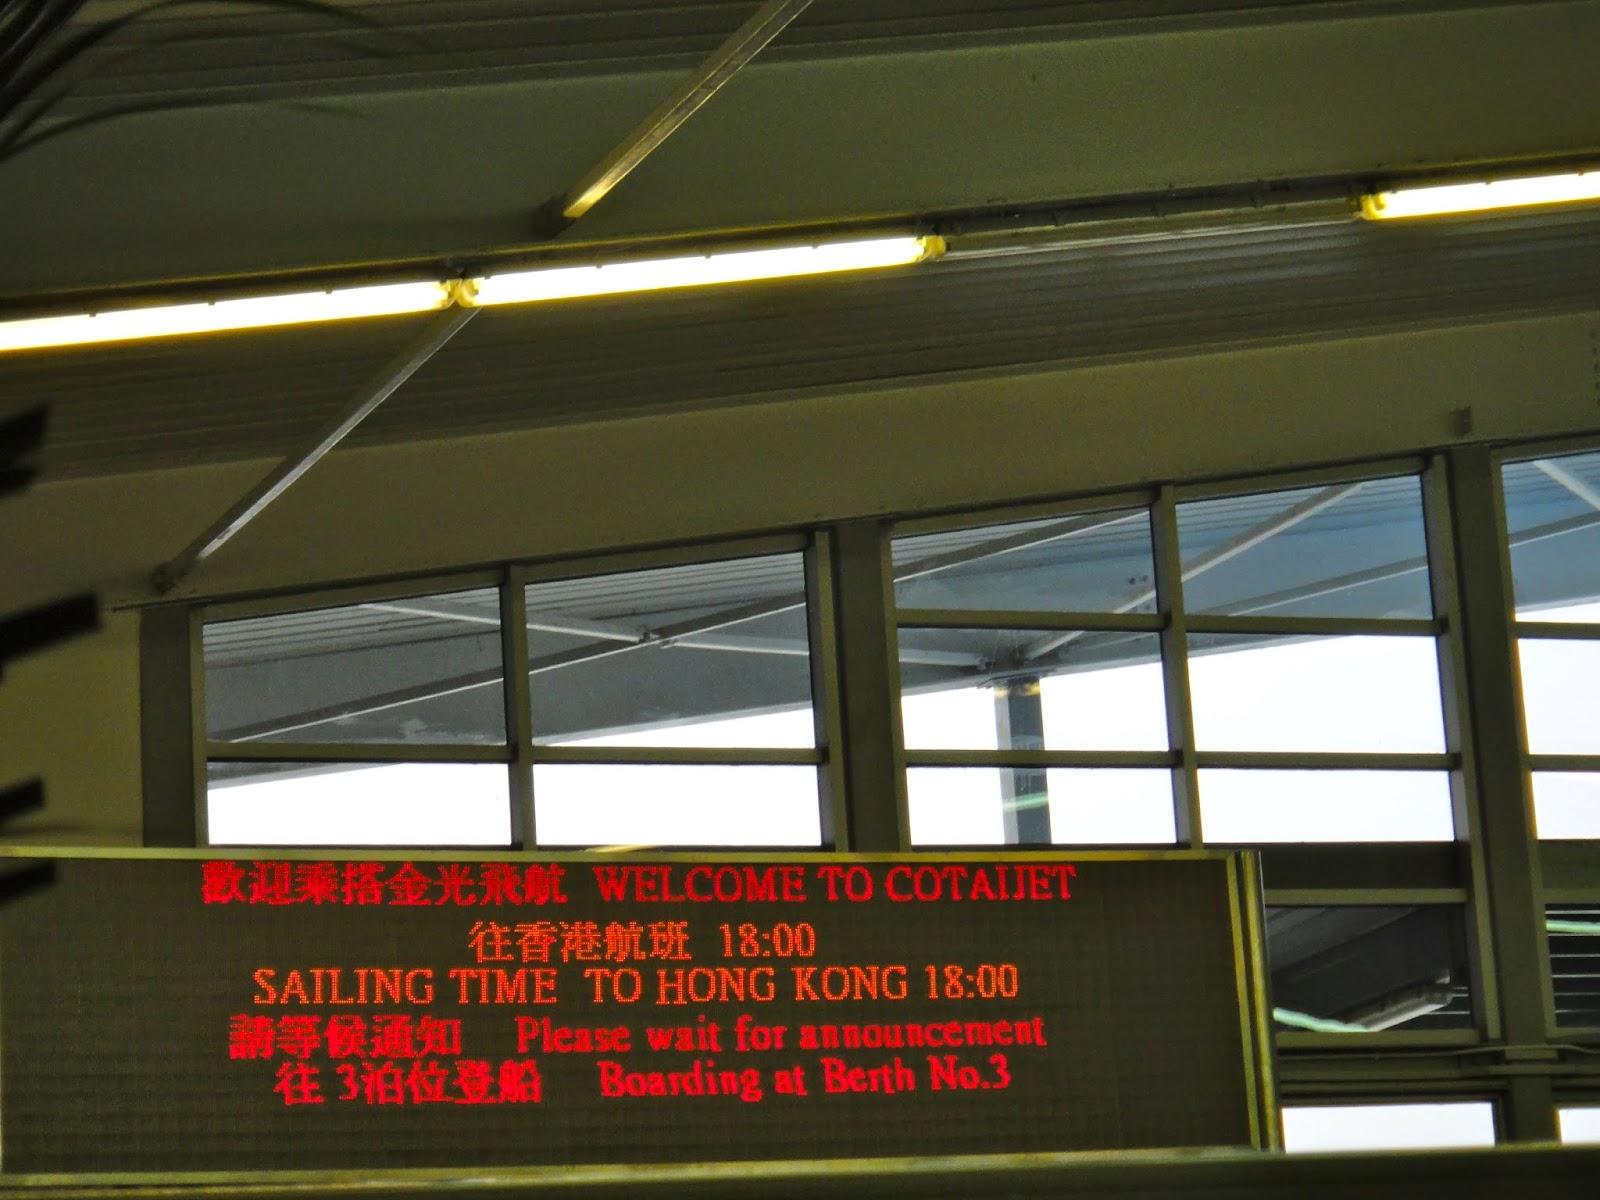 Macau Travel: How to take ferry from Macau to Hong Kong? | Wandering Fel